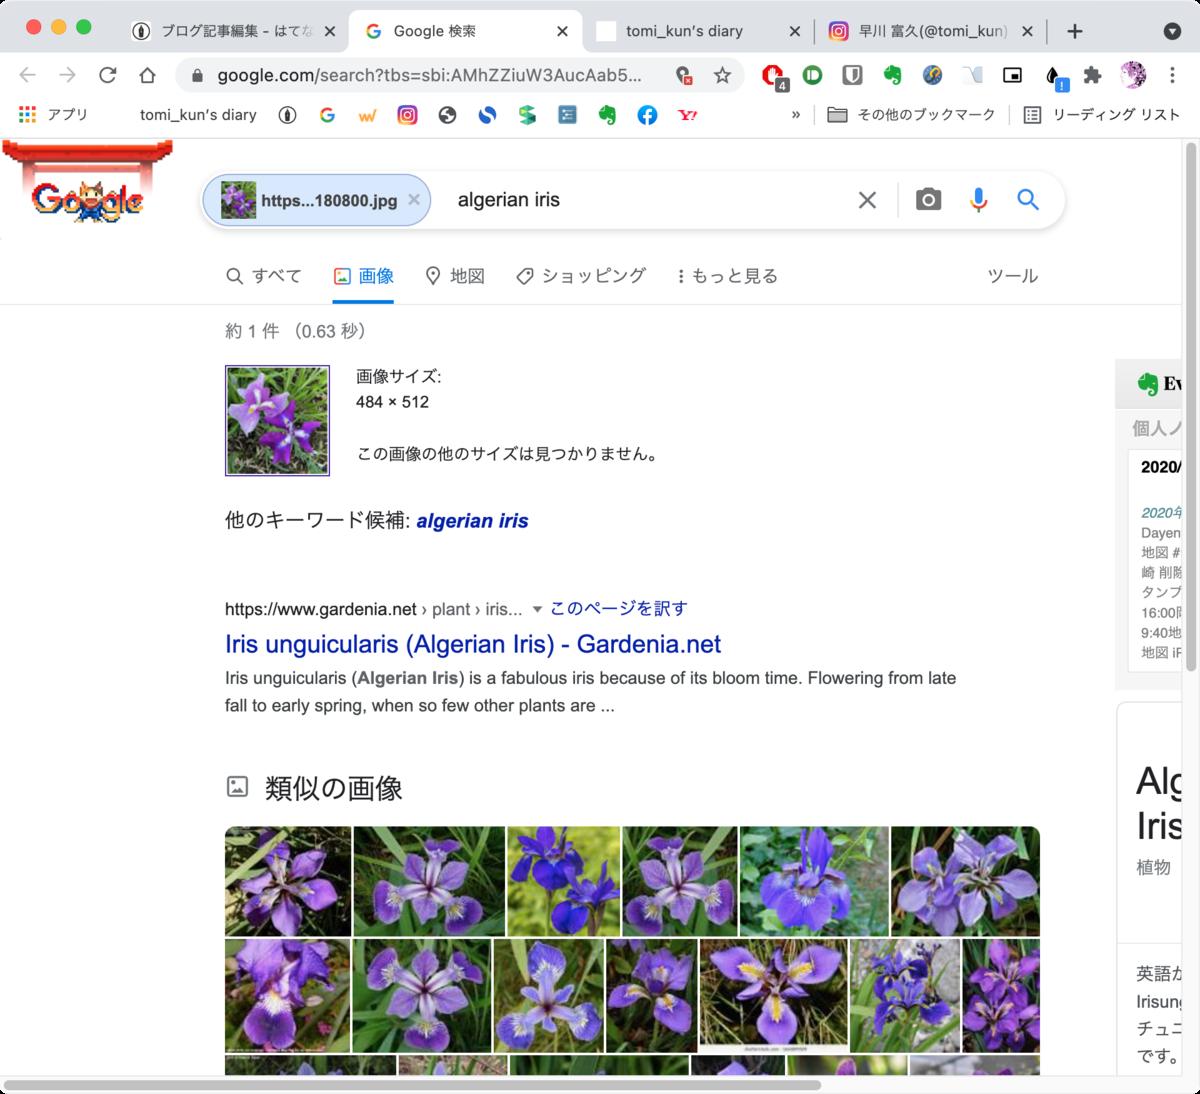 f:id:tomi_kun:20210730191225p:plain